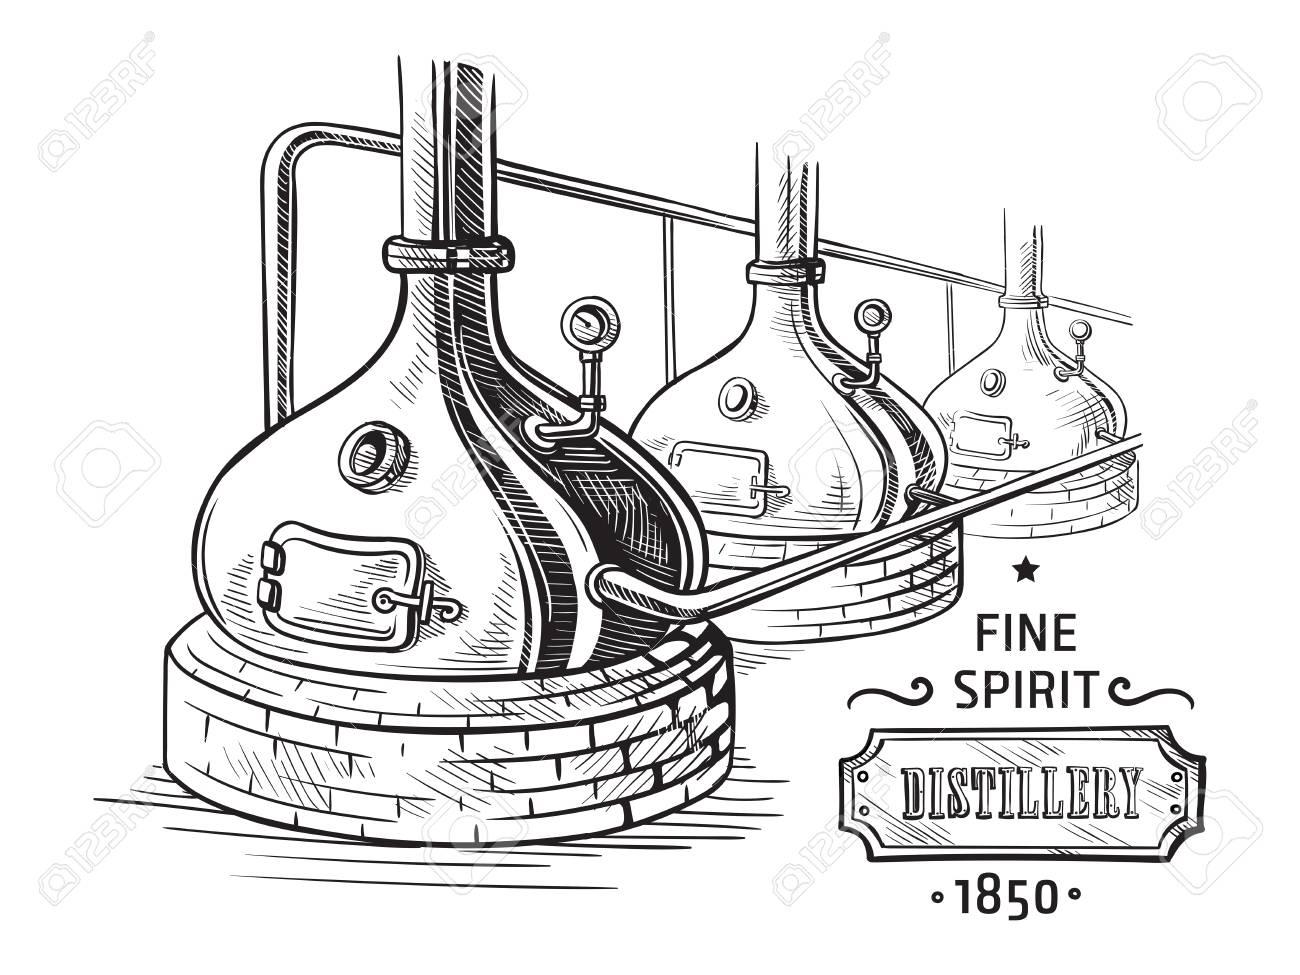 Alembic still for making alcohol inside distillery, distilling spirits sketch. - 98426511